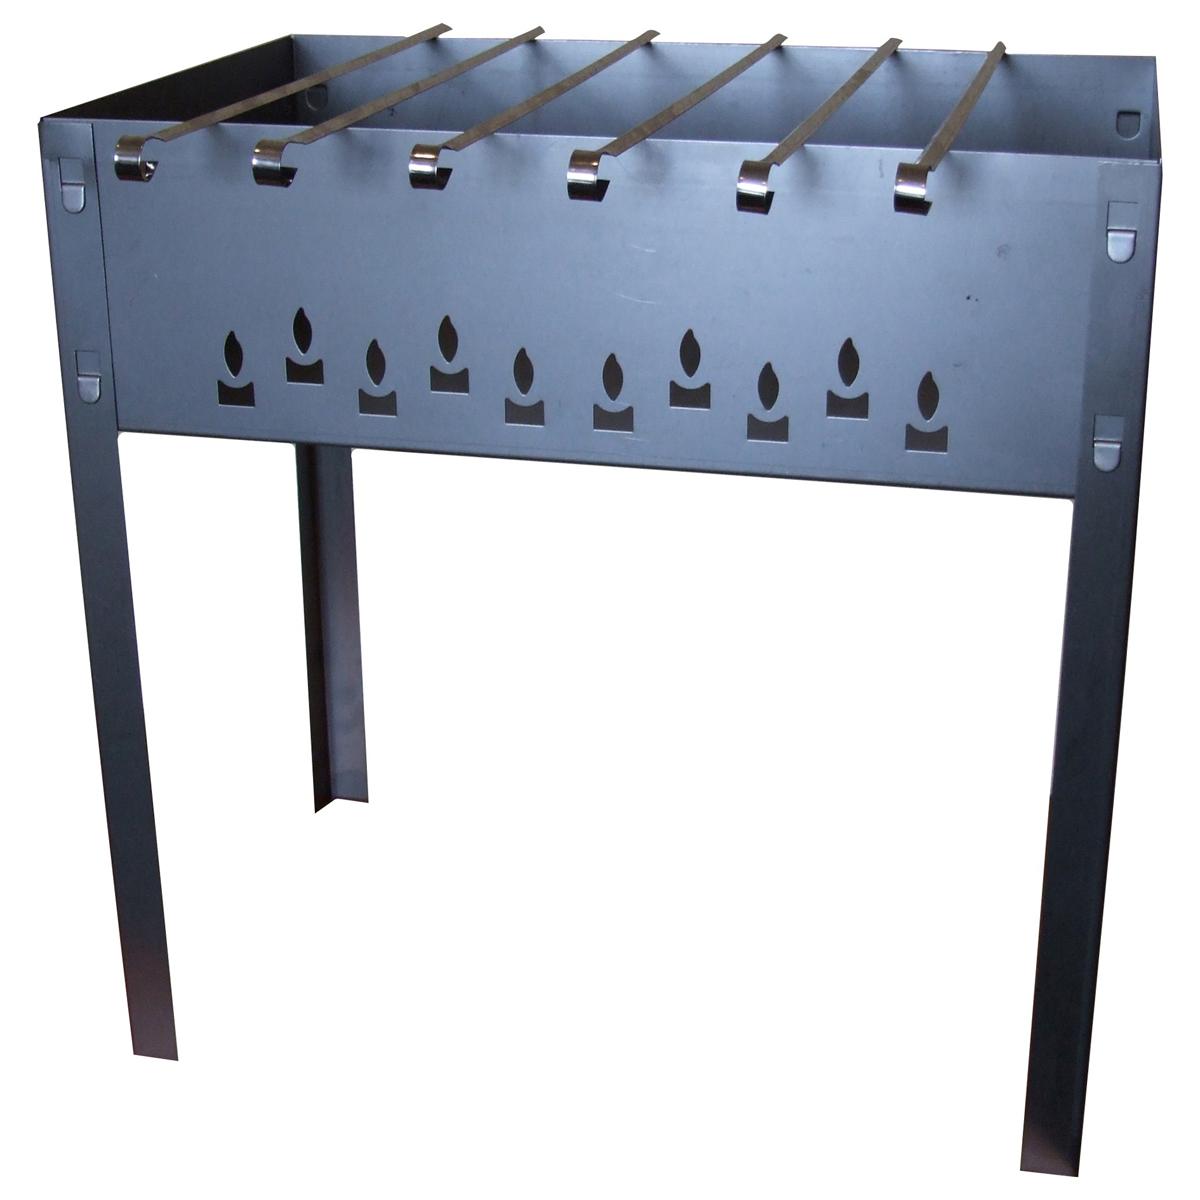 Мангал сборный Грилькофф Стандарт, 6 шампуров, 50 см х 50 см х 30 смRUC-01Сборный переносной мангал Грилькофф Стандарт изготовлен из нержавеющей стали. Предназначен для приготовления мяса, птицы, рыбы, овощей на открытом воздухе. Мангал хорошо поддерживает жар, не требуя большого количества топлива. Простота и легкость конструкции мангала обеспечивают его быструю сборку и длительную эксплуатацию. В разобранном виде мангал очень компактен, благодаря чему он не занимает много места, например, в багажнике автомобиля. В комплекте с мангалом 6 шампуров. Размер мангала: 50 см х 50 см х 30 см.